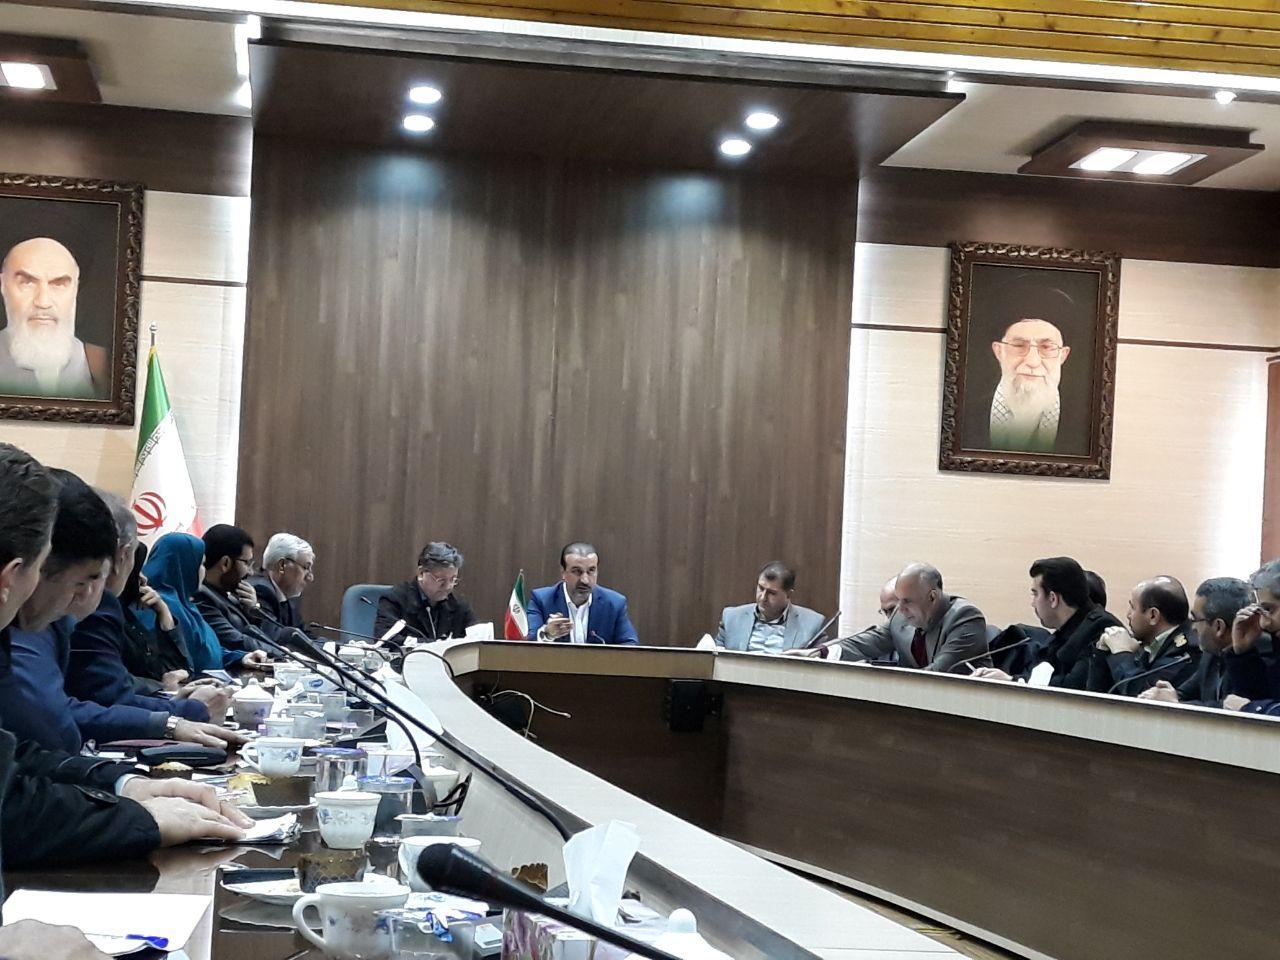 برگزاری جلسه شورای ساماندهی مبادلات مرزی به ریاست معاون هماهنگی امور اقتصادی استاندار آذربایجان غربی